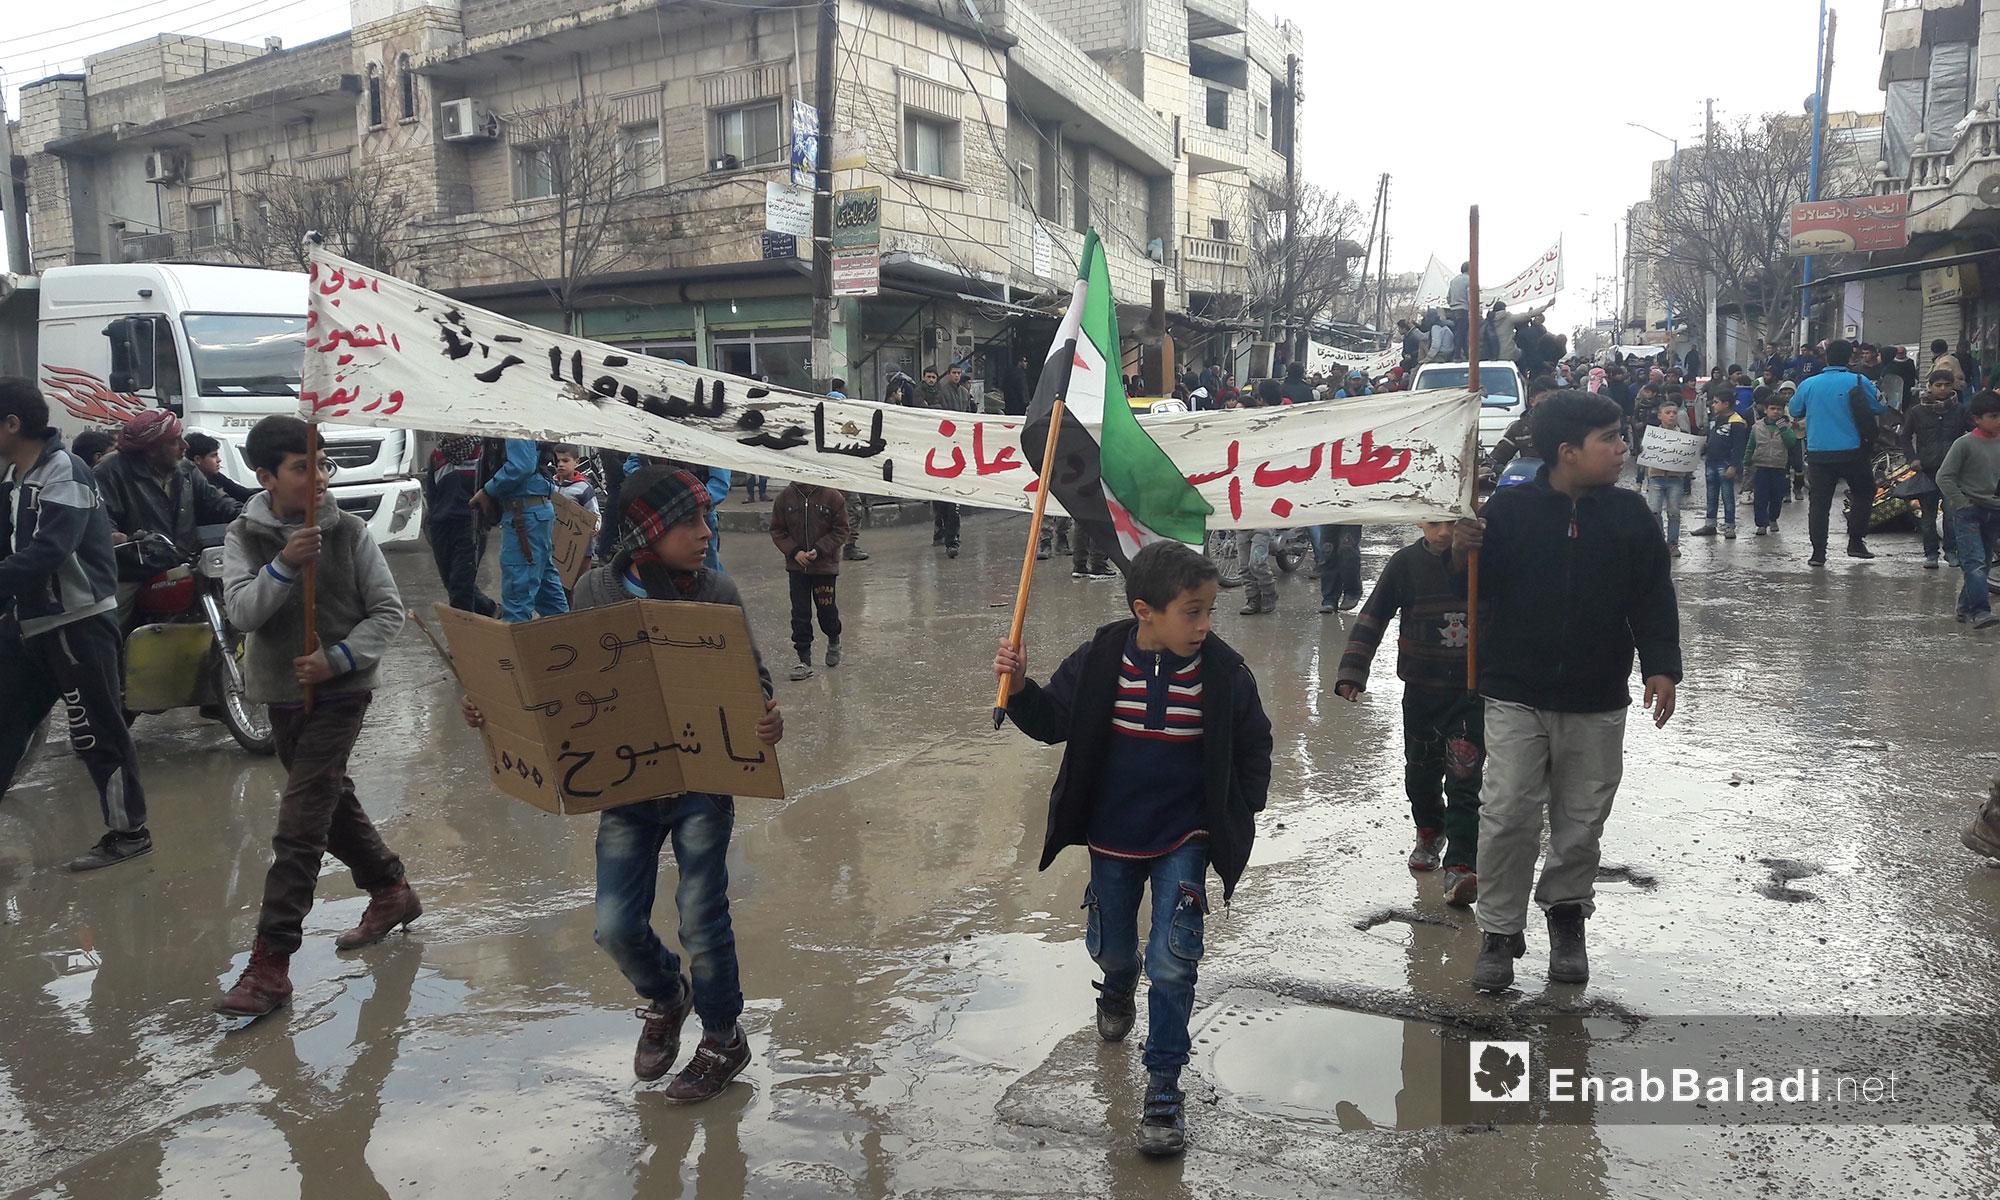 """أهالي بلدة """"الشيوخ"""" يتظاهرون في مدينة جرابلس للمطالبة بتحرير قراهم - 27 كانون الثاني 2017 (عنب بلدي)"""